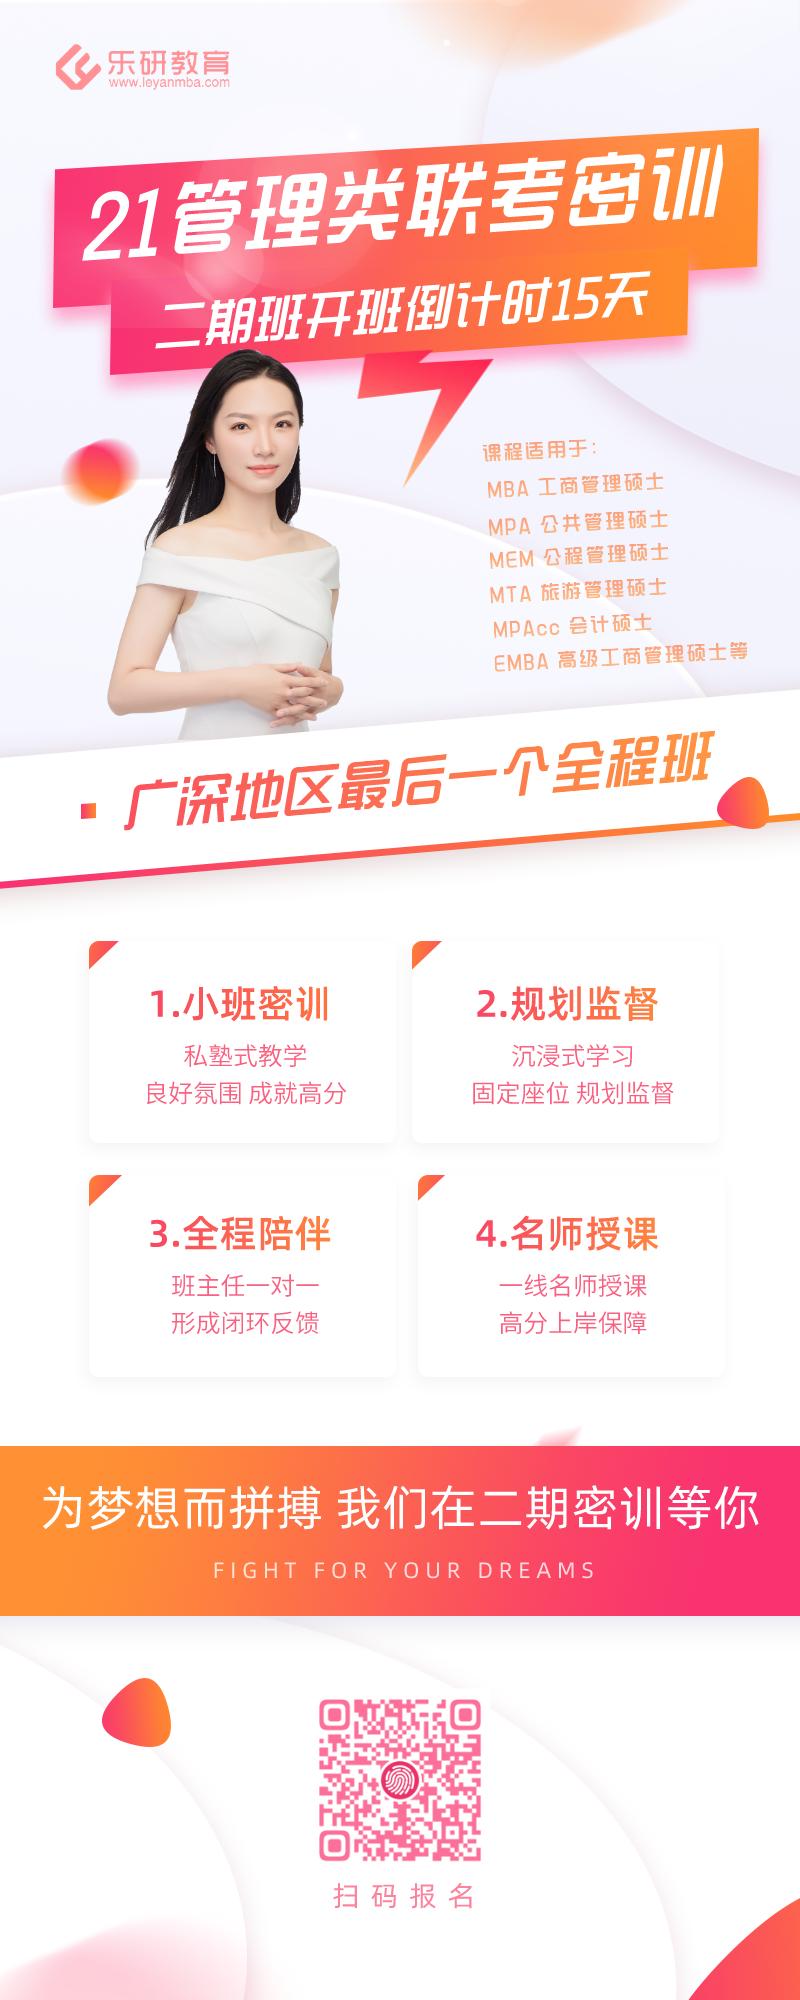 默认标题_长图海报_2020-06-27-0 (1).png